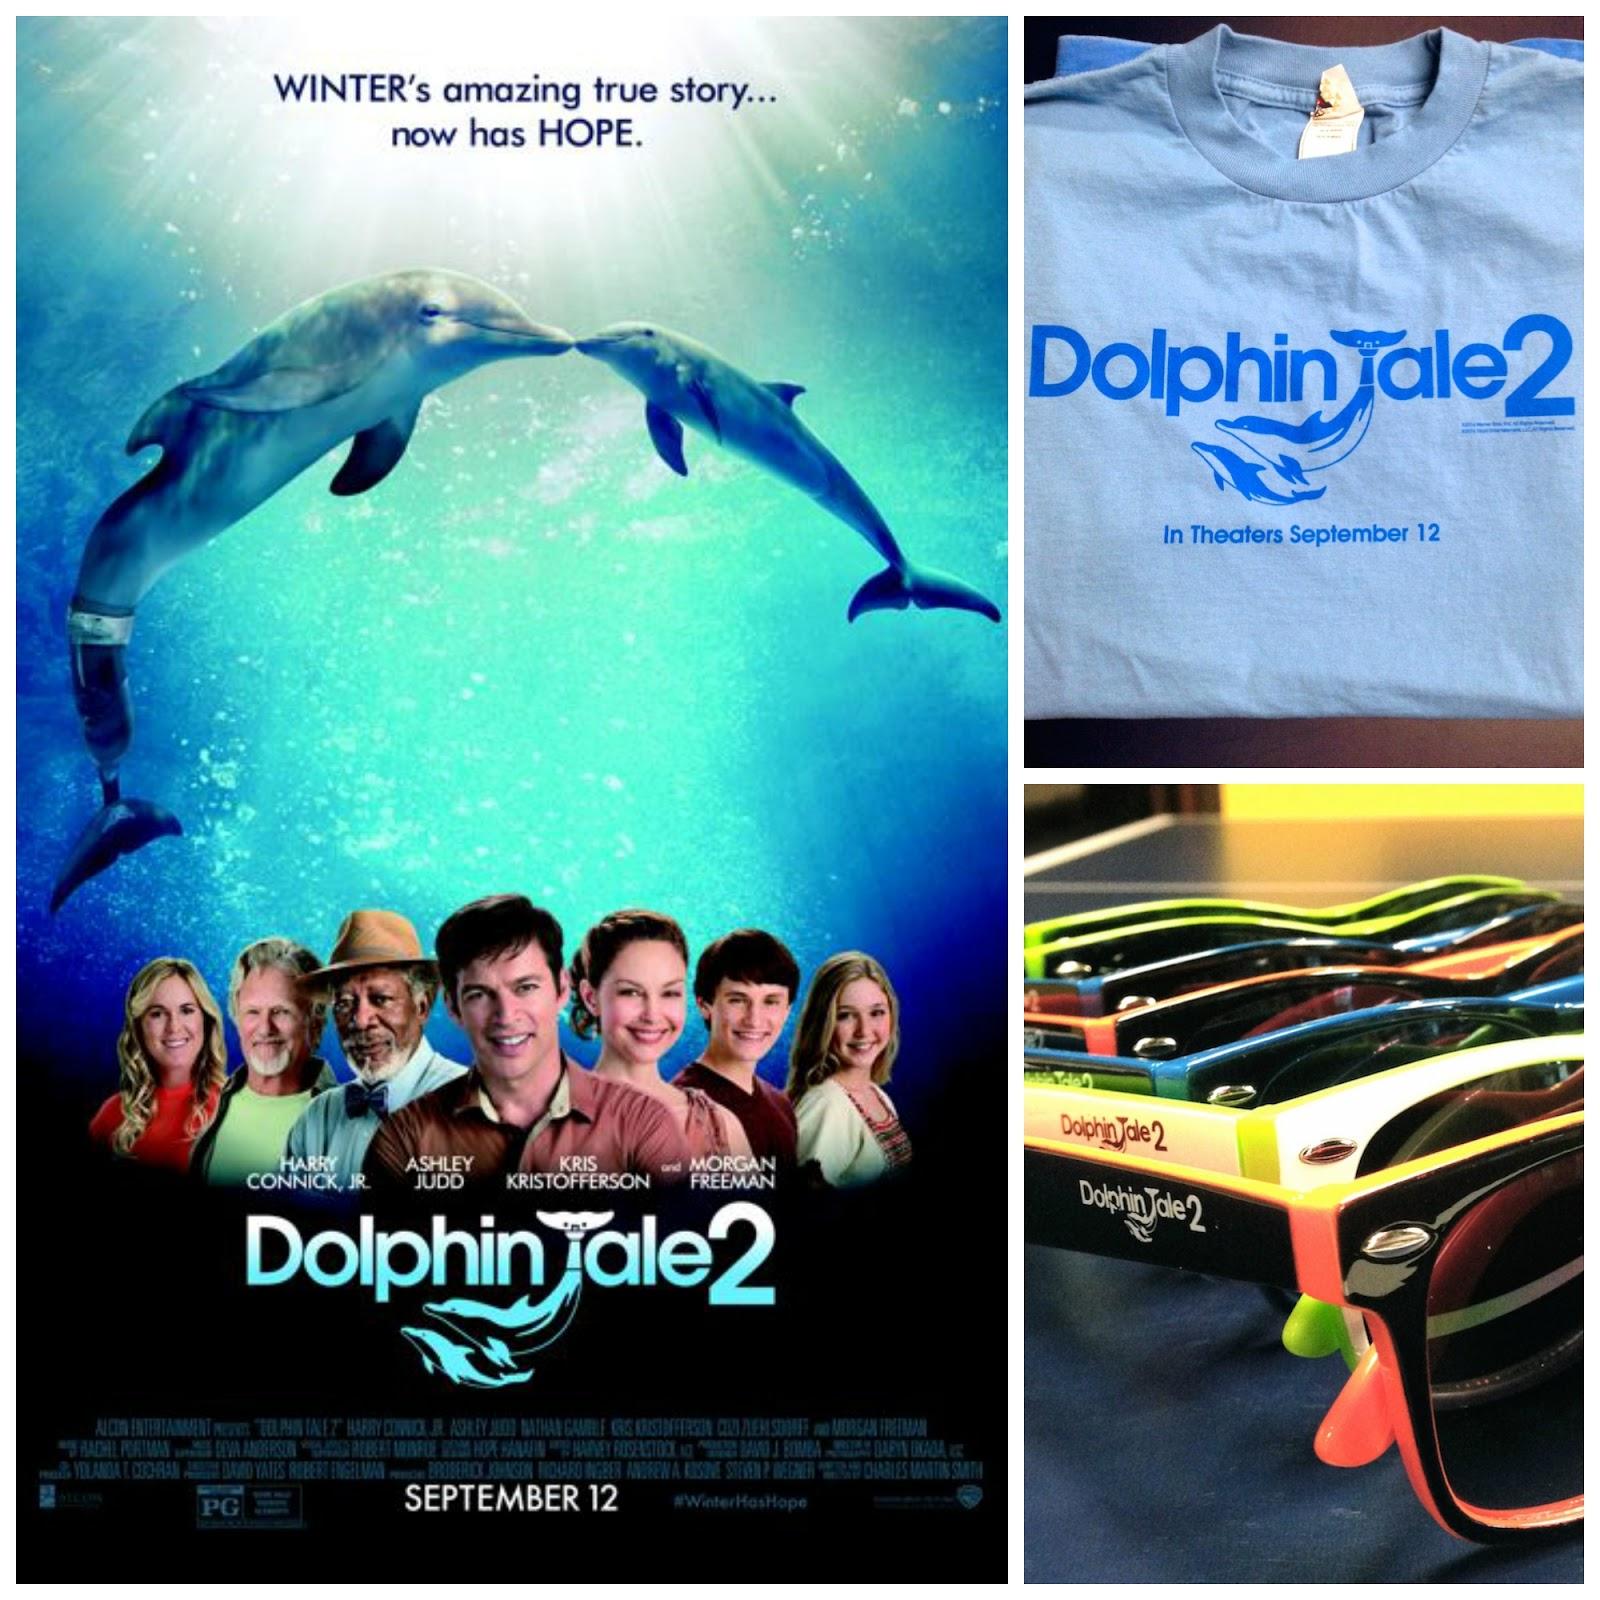 Dolphin Tale 2 Winterhashope